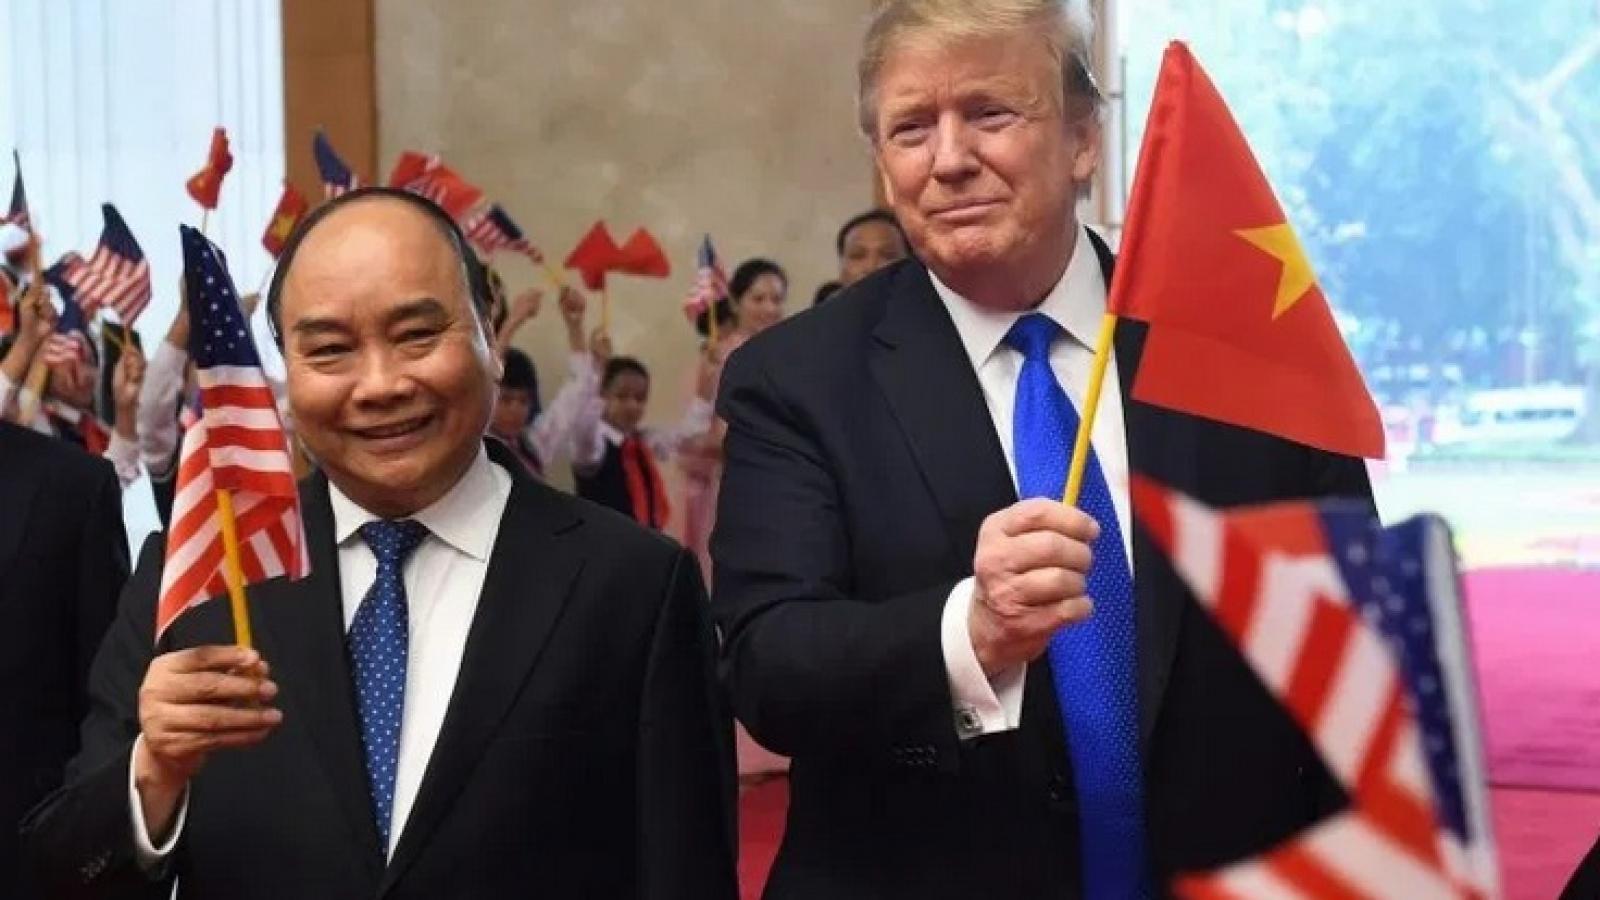 Báo Hong Kong: Quan hệ Việt Nam-Mỹ chưa bao giờ tốt hơn thế